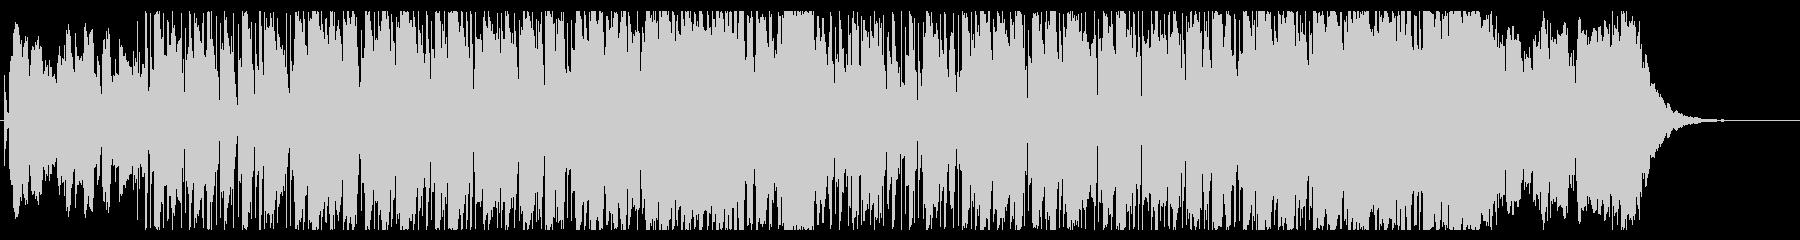 ジミ・ヘンドリックスのスタイルにや...の未再生の波形